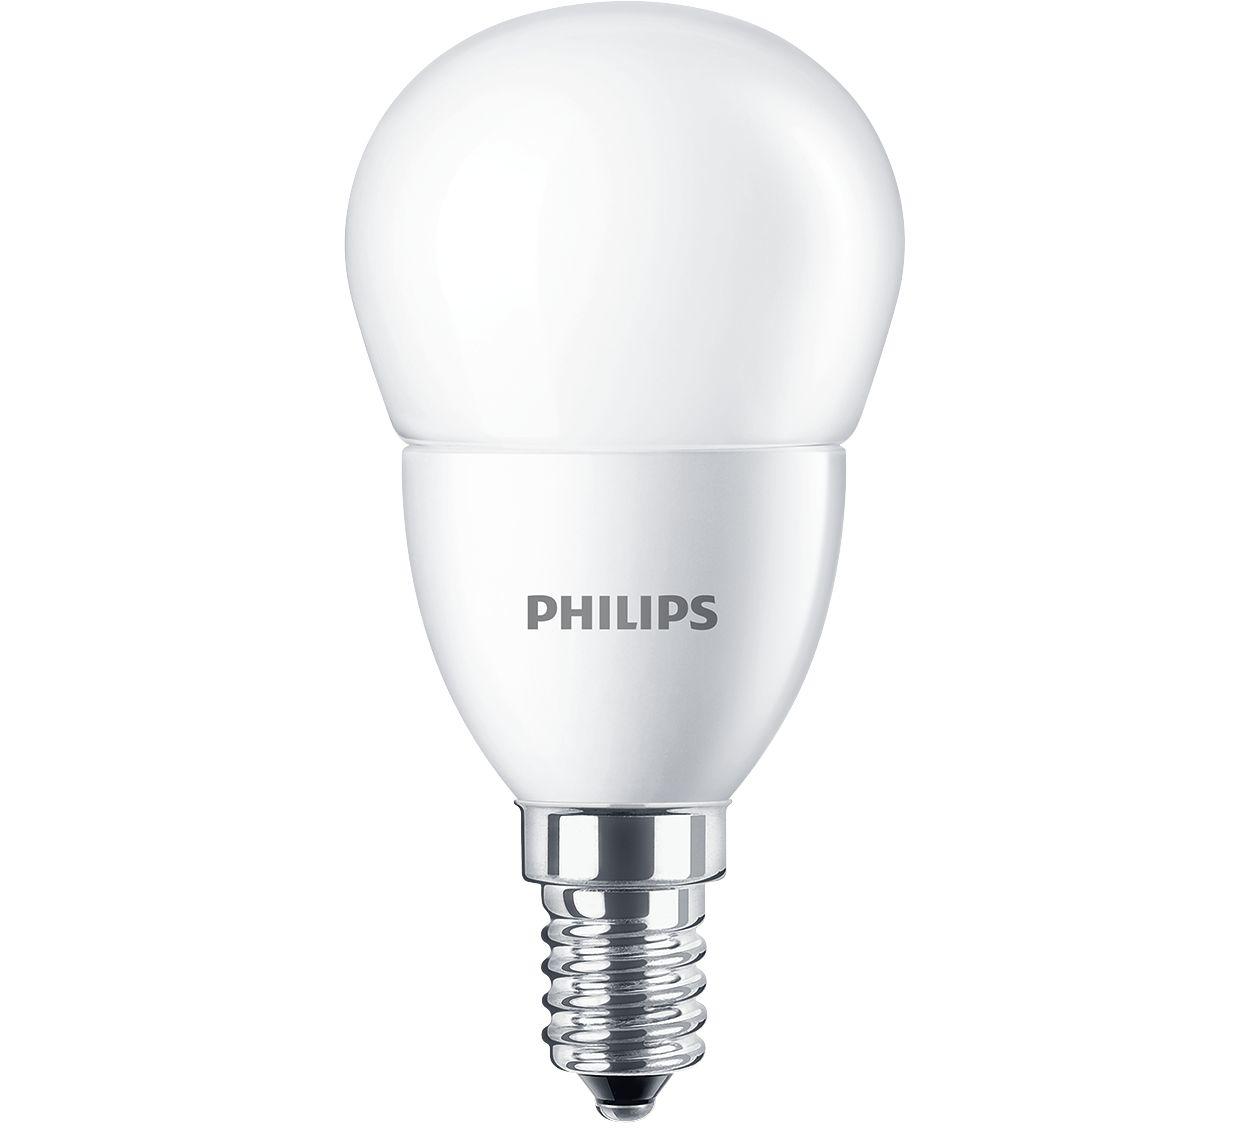 Philips - Lampadina a LED - Corelus60840e14